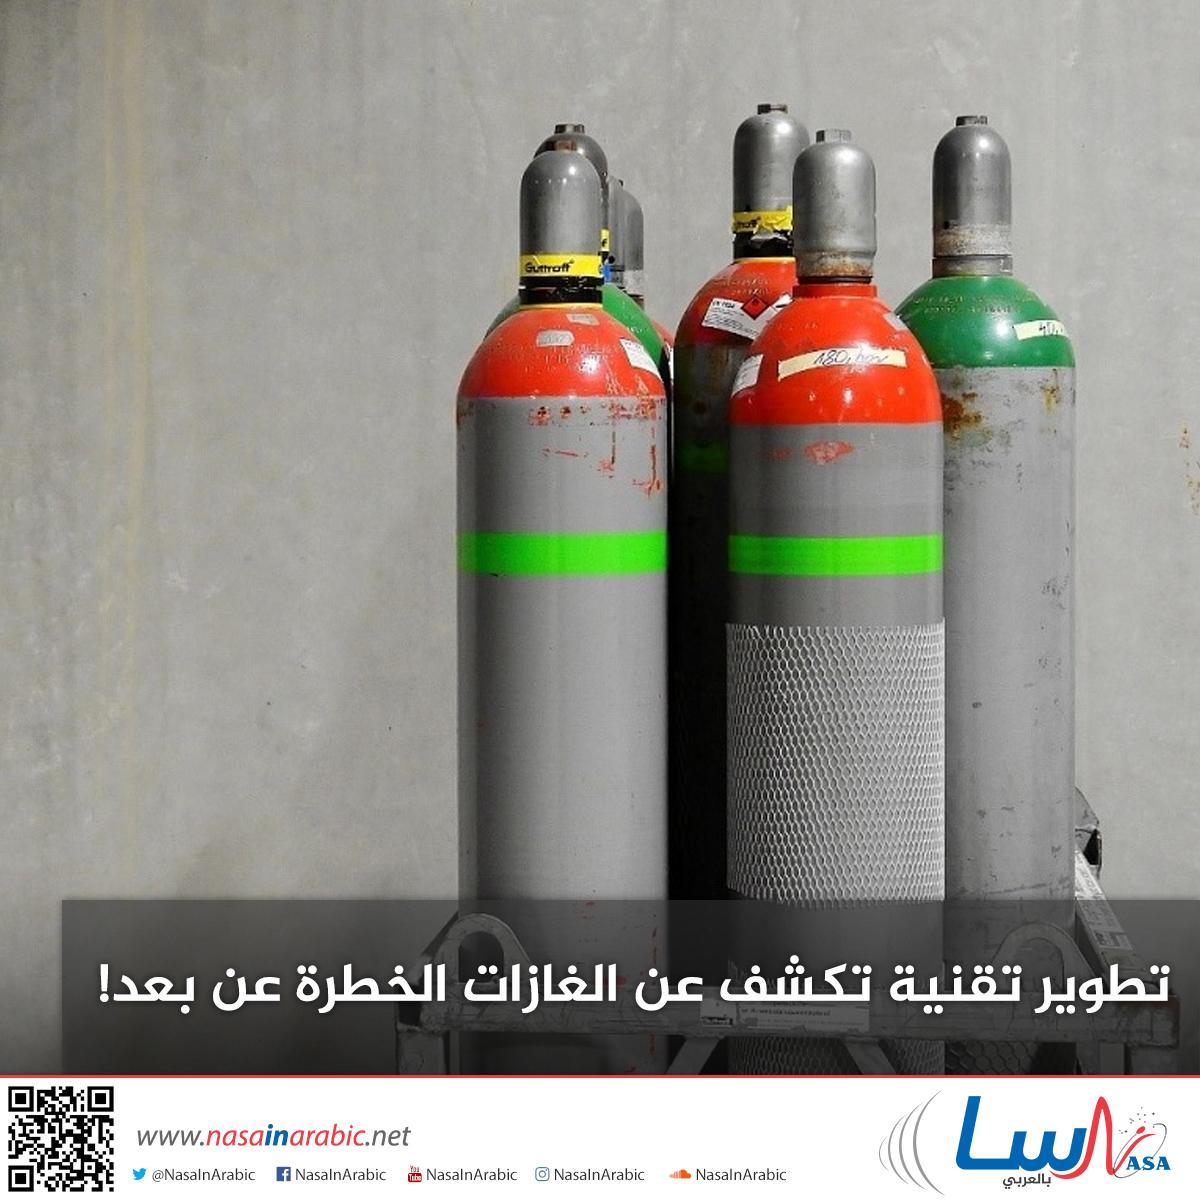 تطوير تقنية تكشف عن الغازات الخطرة عن بعد!